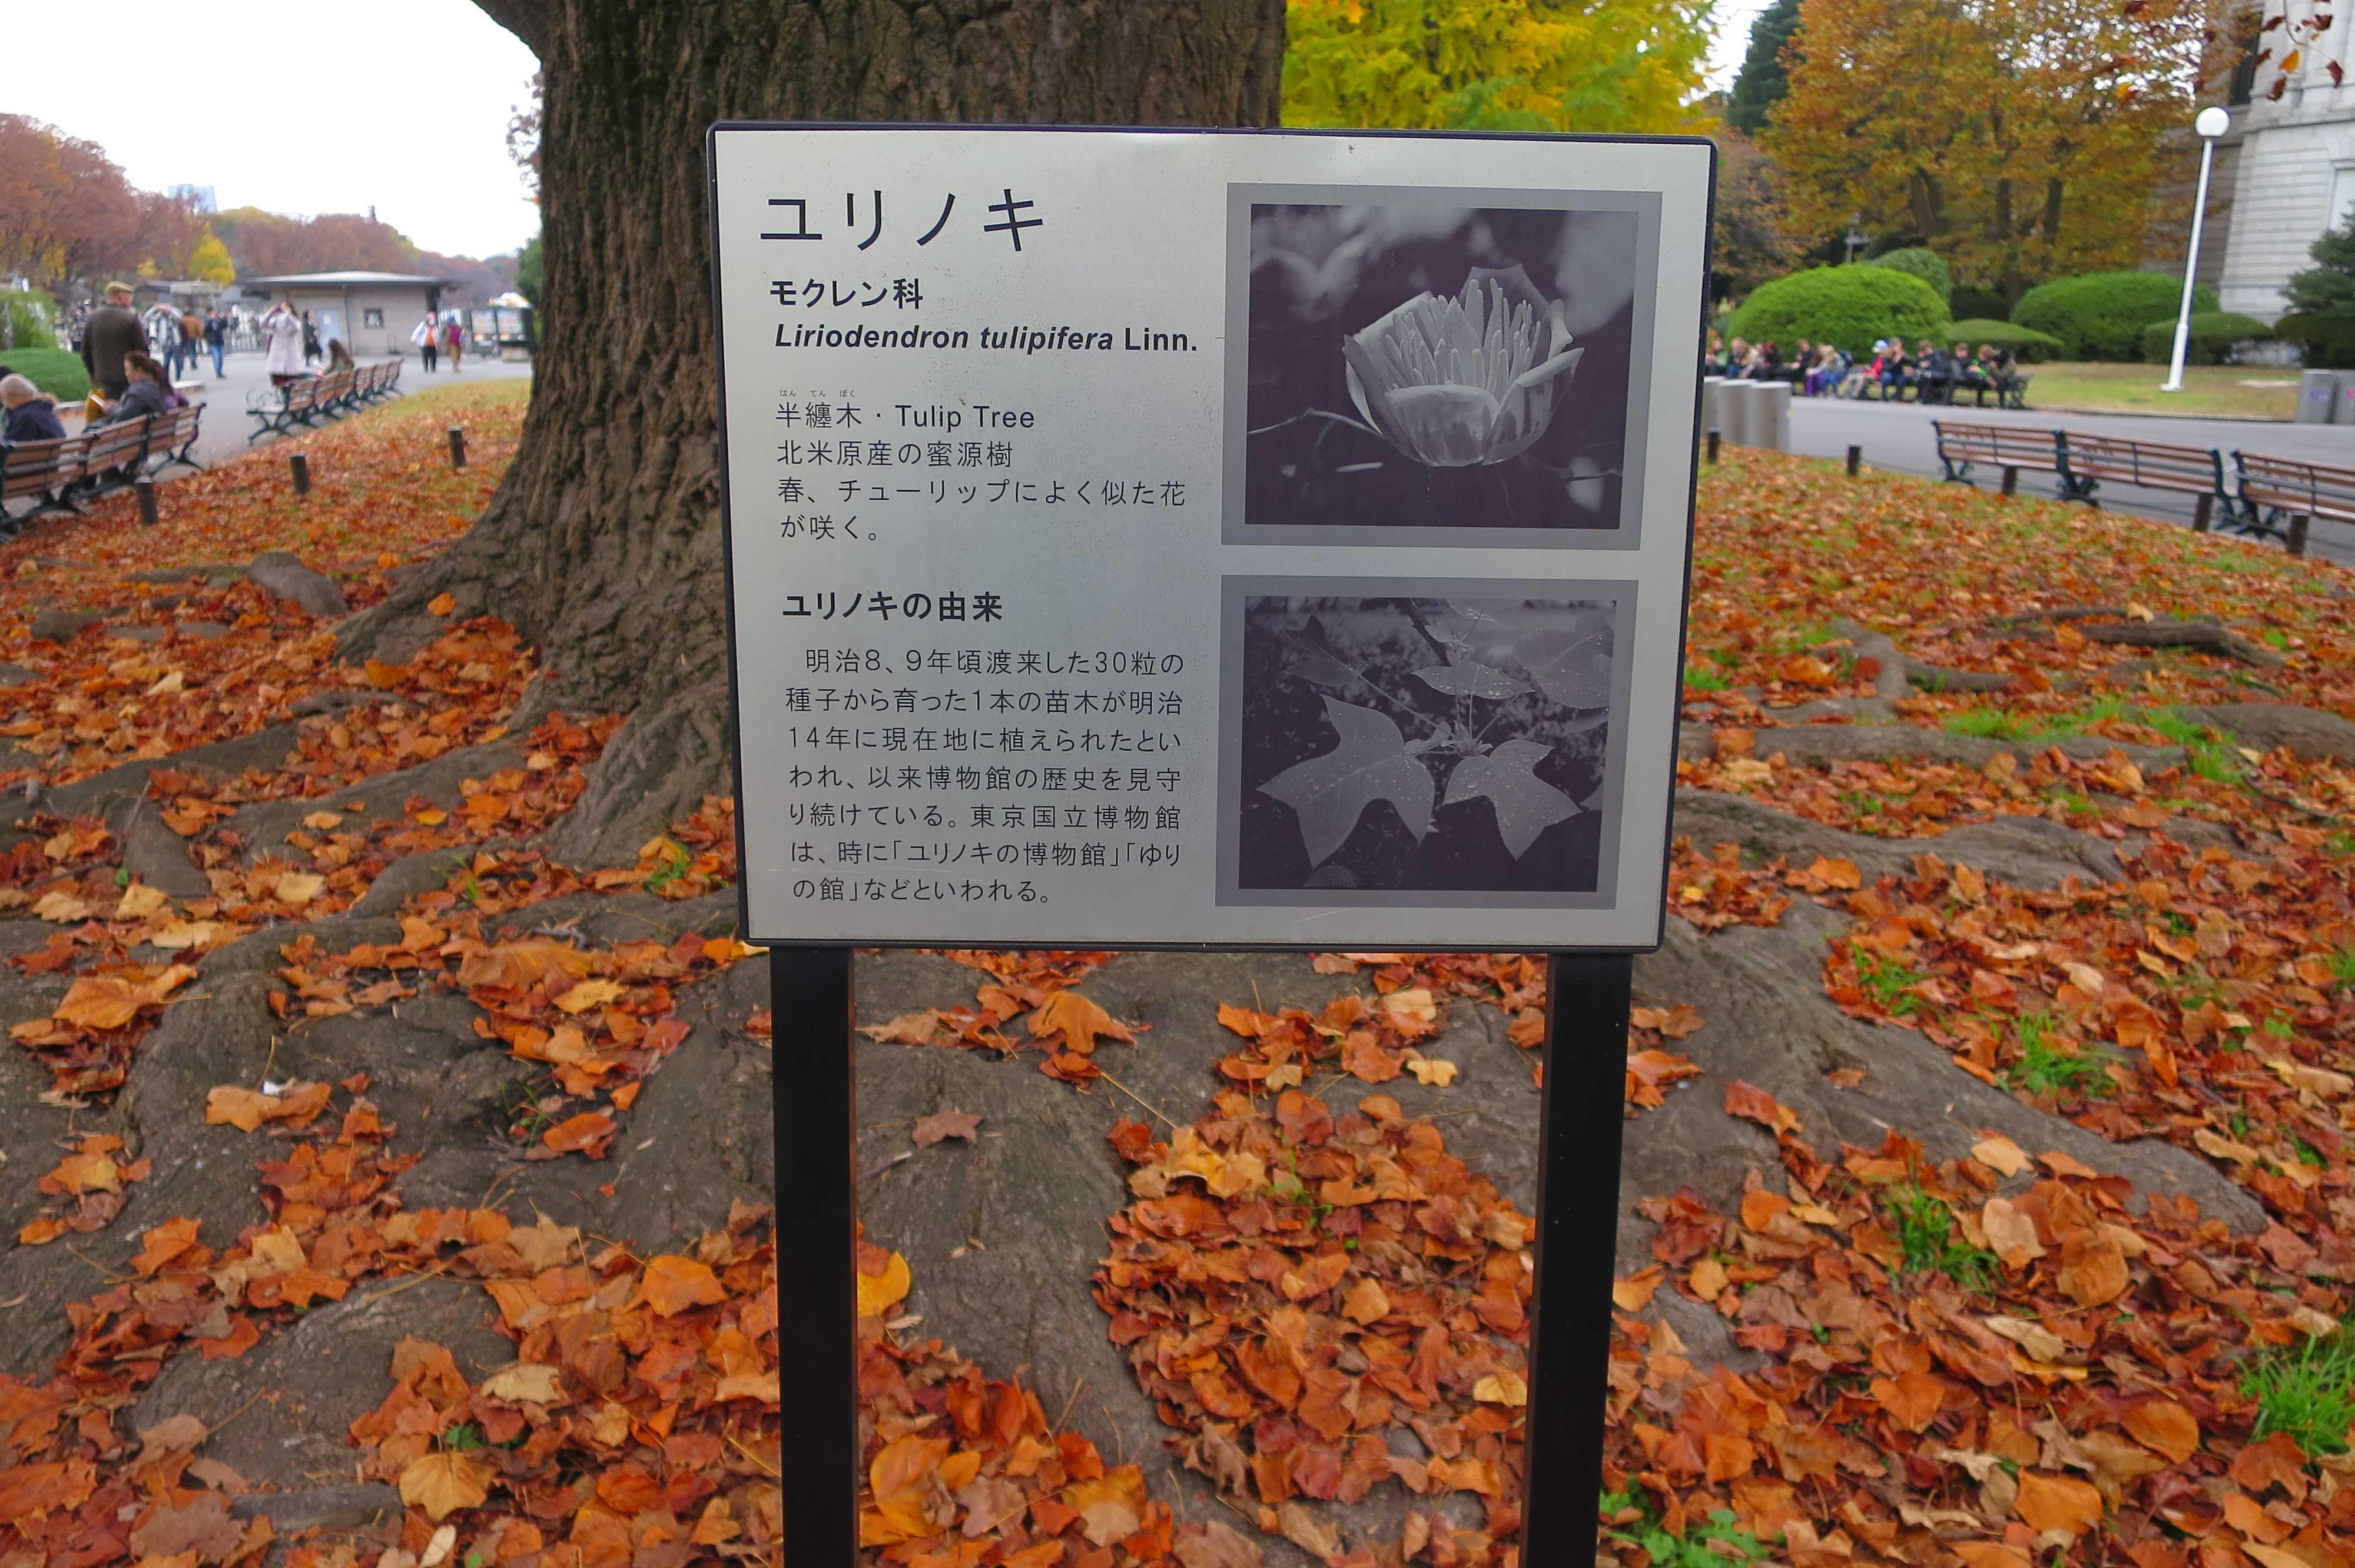 ユリノキの由来 - 東京国立博物館 本館前